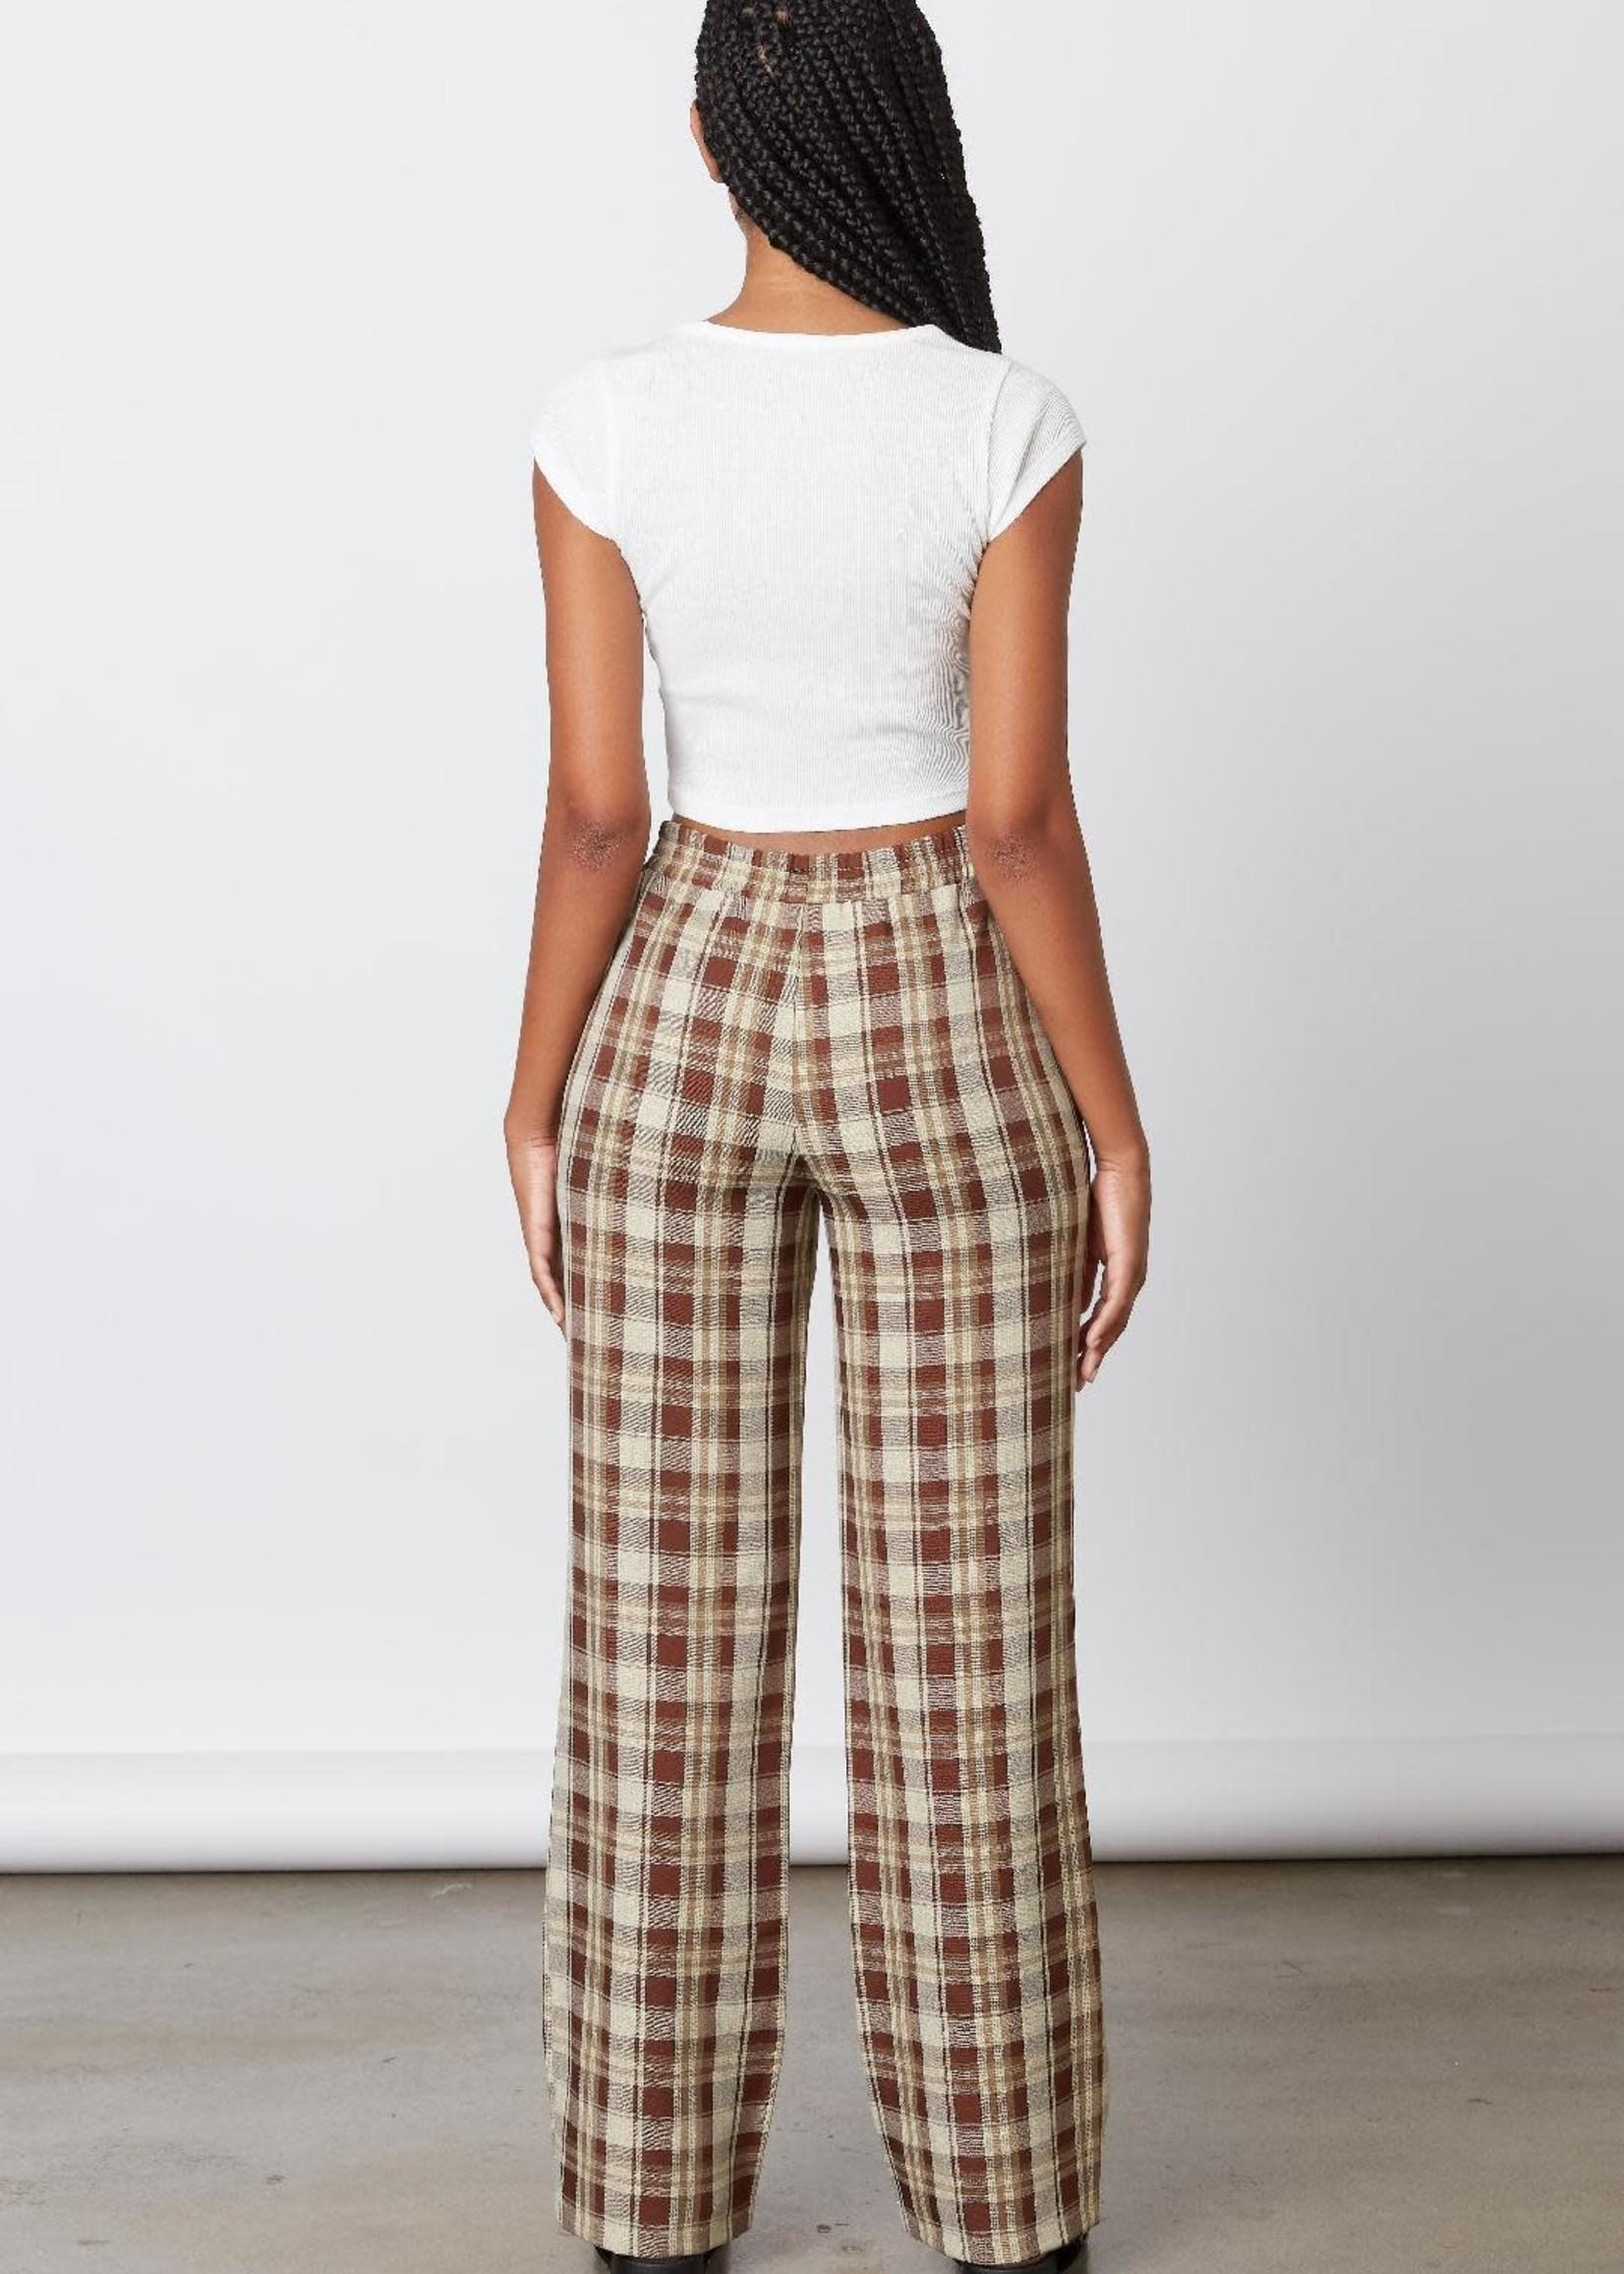 Fall's Best Plaid Pants